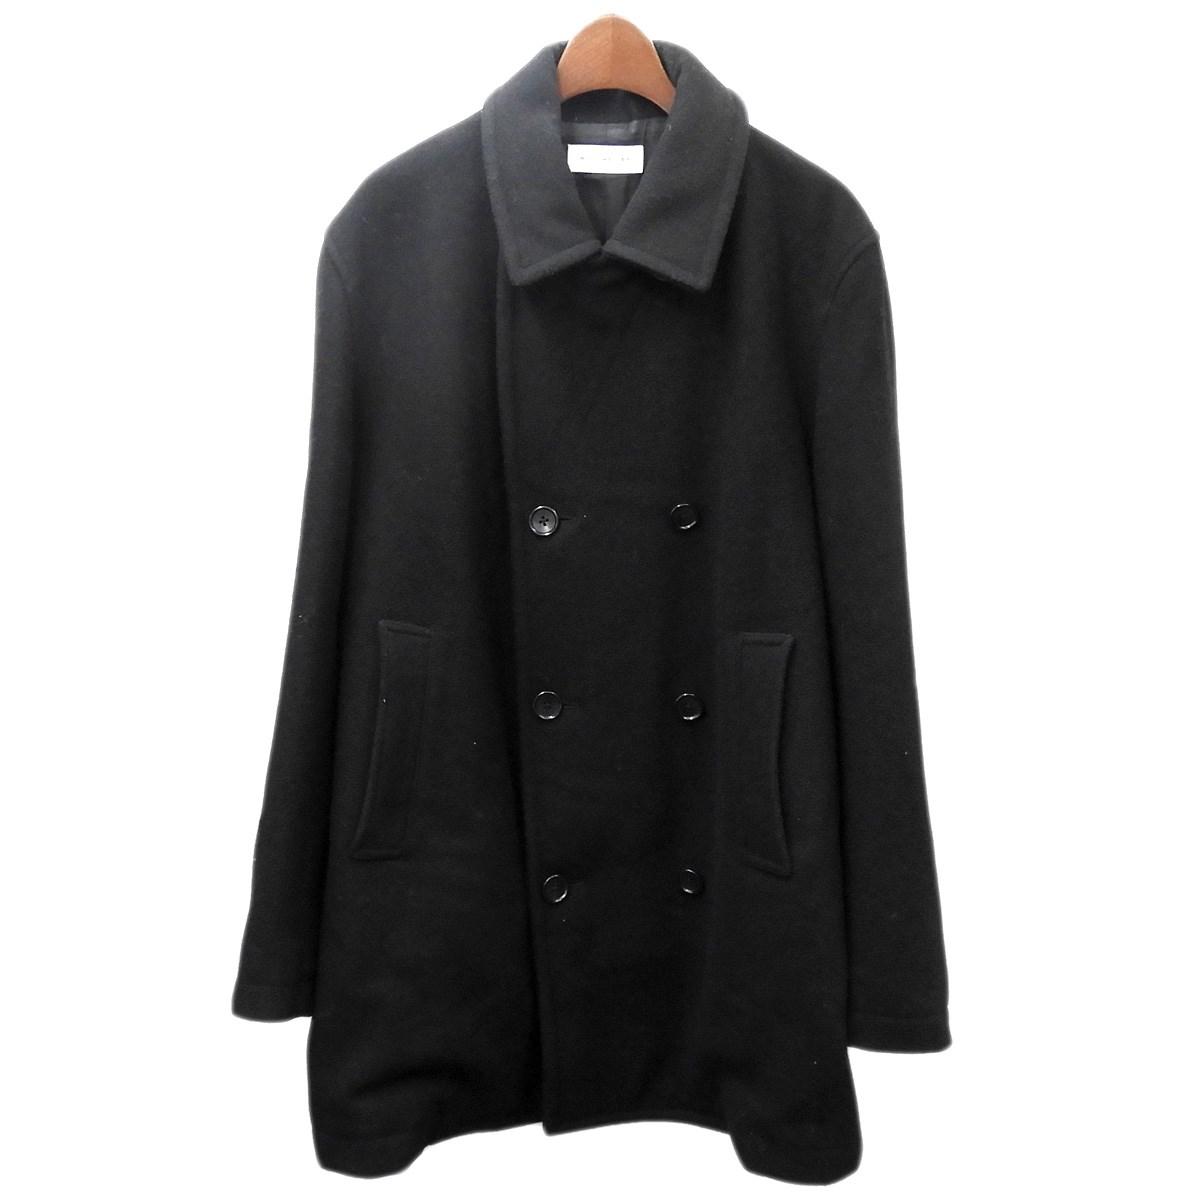 【中古】ROTTWEILER 2018AW Pコート ブラック サイズ:XL 【270320】(ロットワイラー)